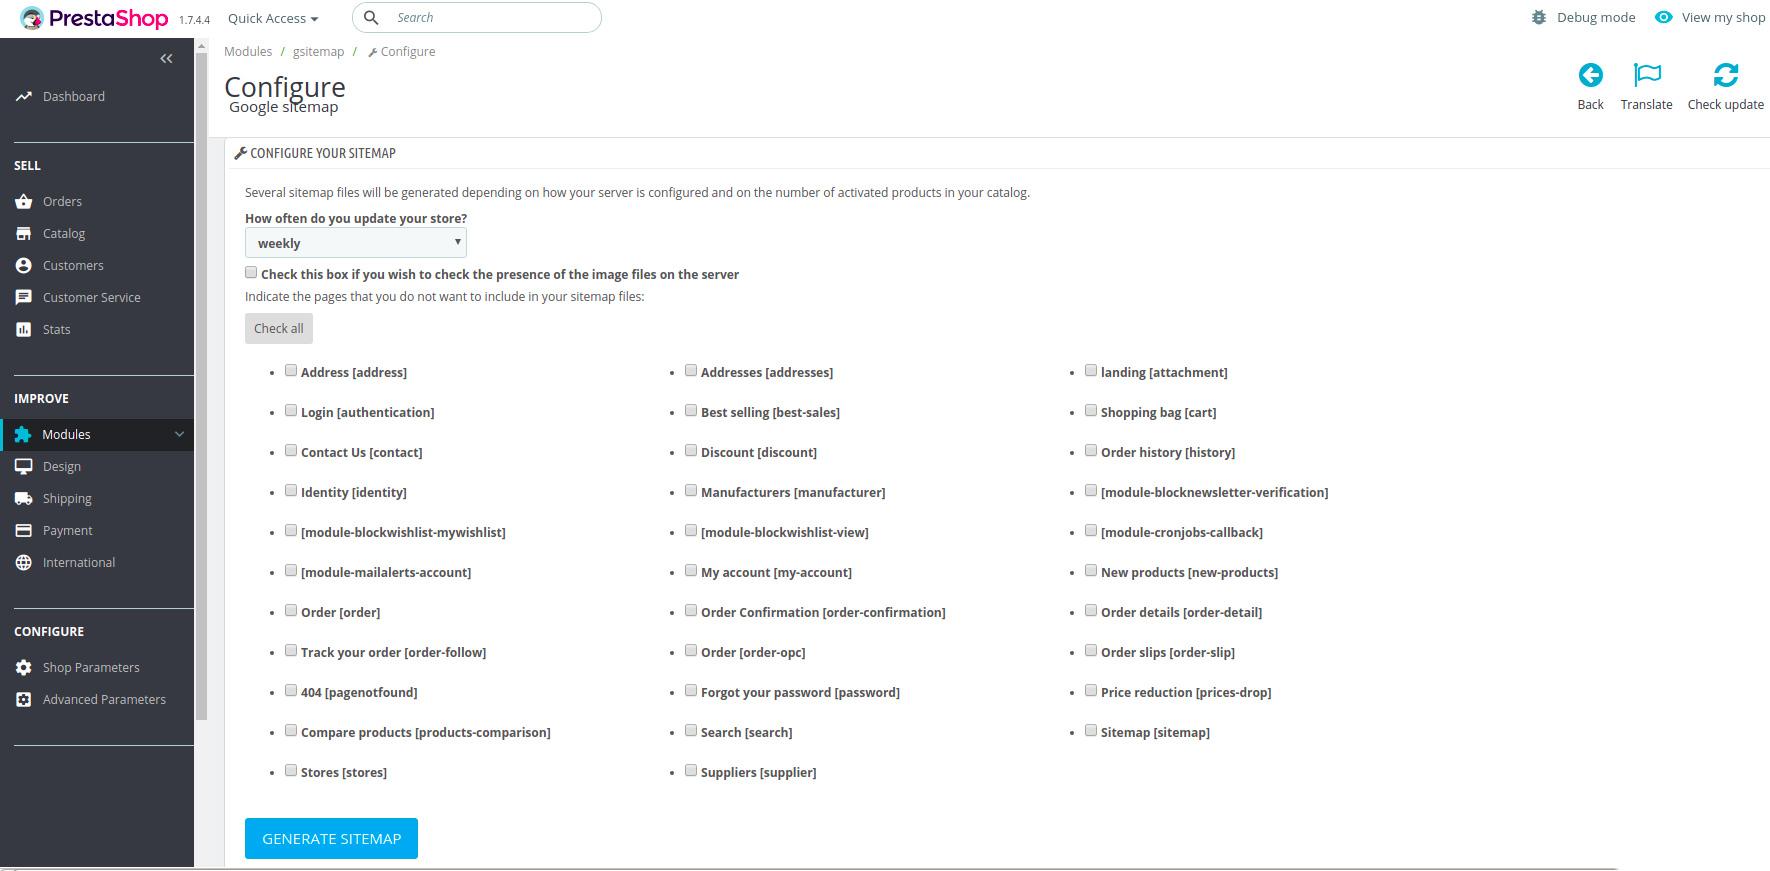 PrestaShop 1.7'de Sitemap Site Haritası Nasıl Oluşturulur